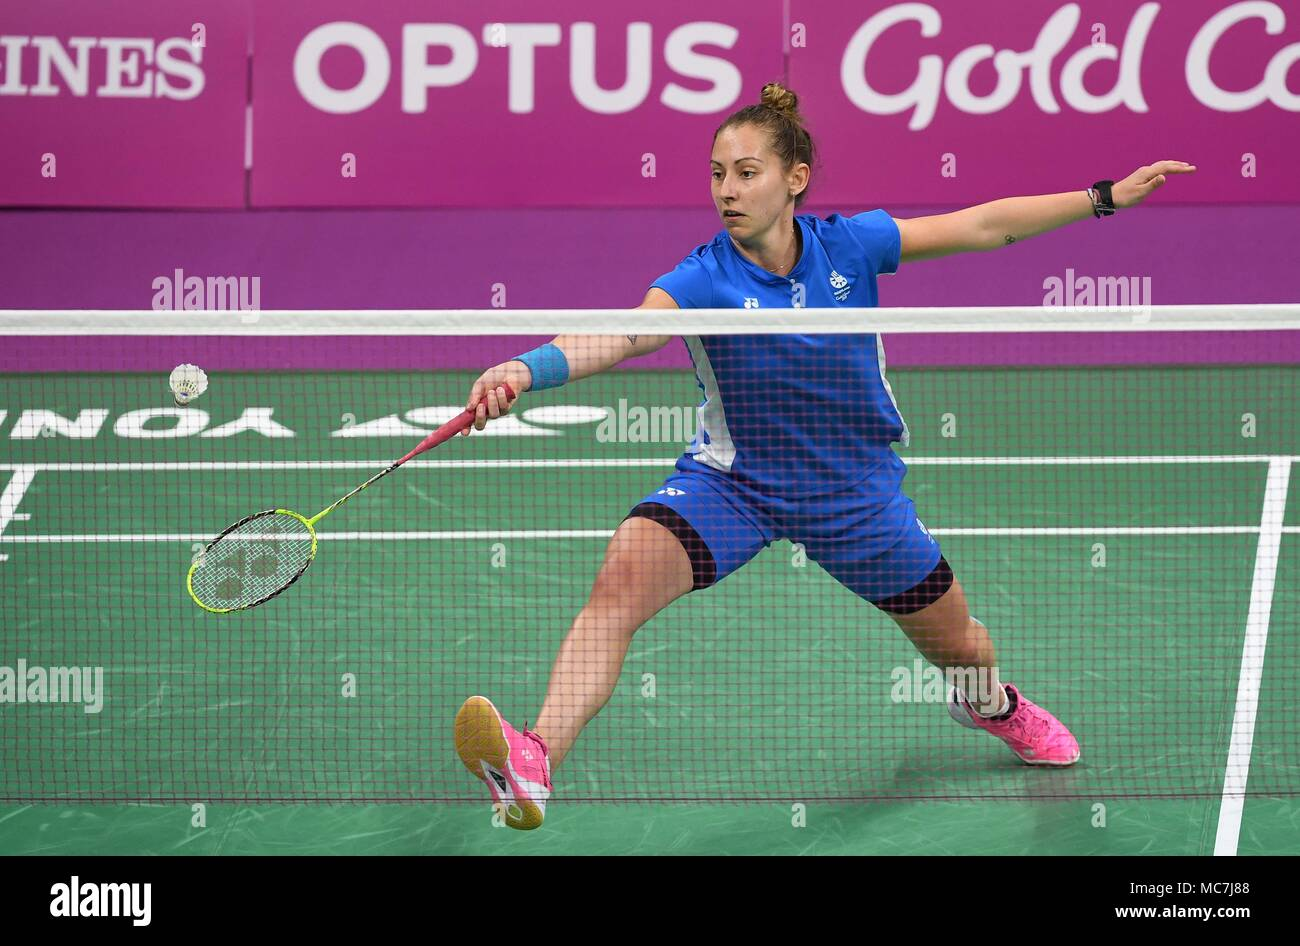 Queensland, Australia, el 14 de abril de 2018. Kirsty Gilmour (SCO). Womens singles. Semifinales. Badminton. XXI Juegos de la Commonwealth. Carrara Sports Hall 2. Costa de Oro 2018. Queensland. Australia. Crédito: Deporte en imágenes/Alamy Live News Imagen De Stock